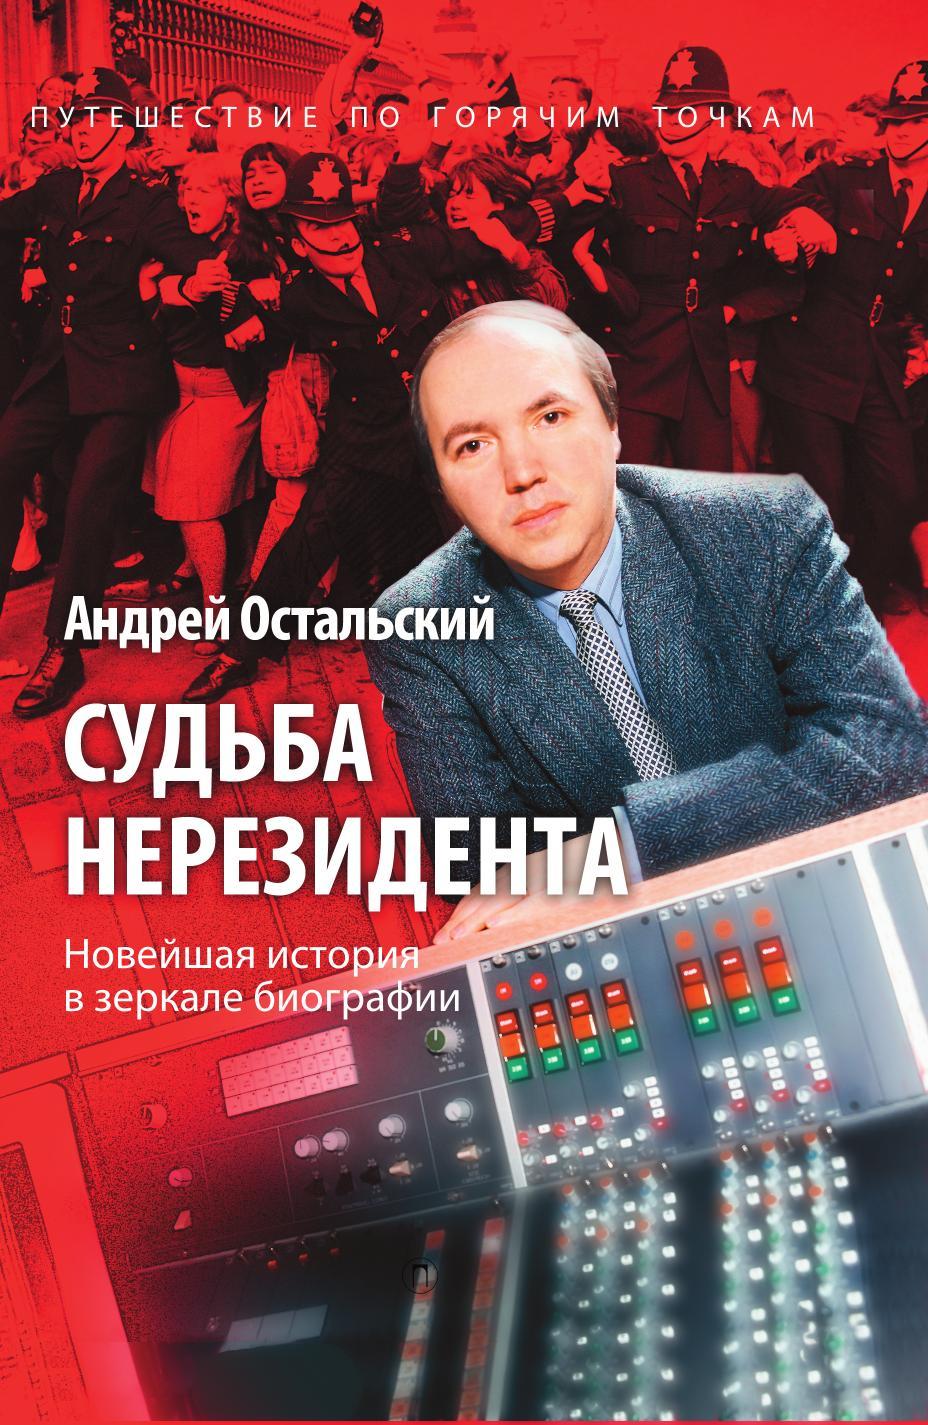 Андрей Остальский Судьба нерезидента